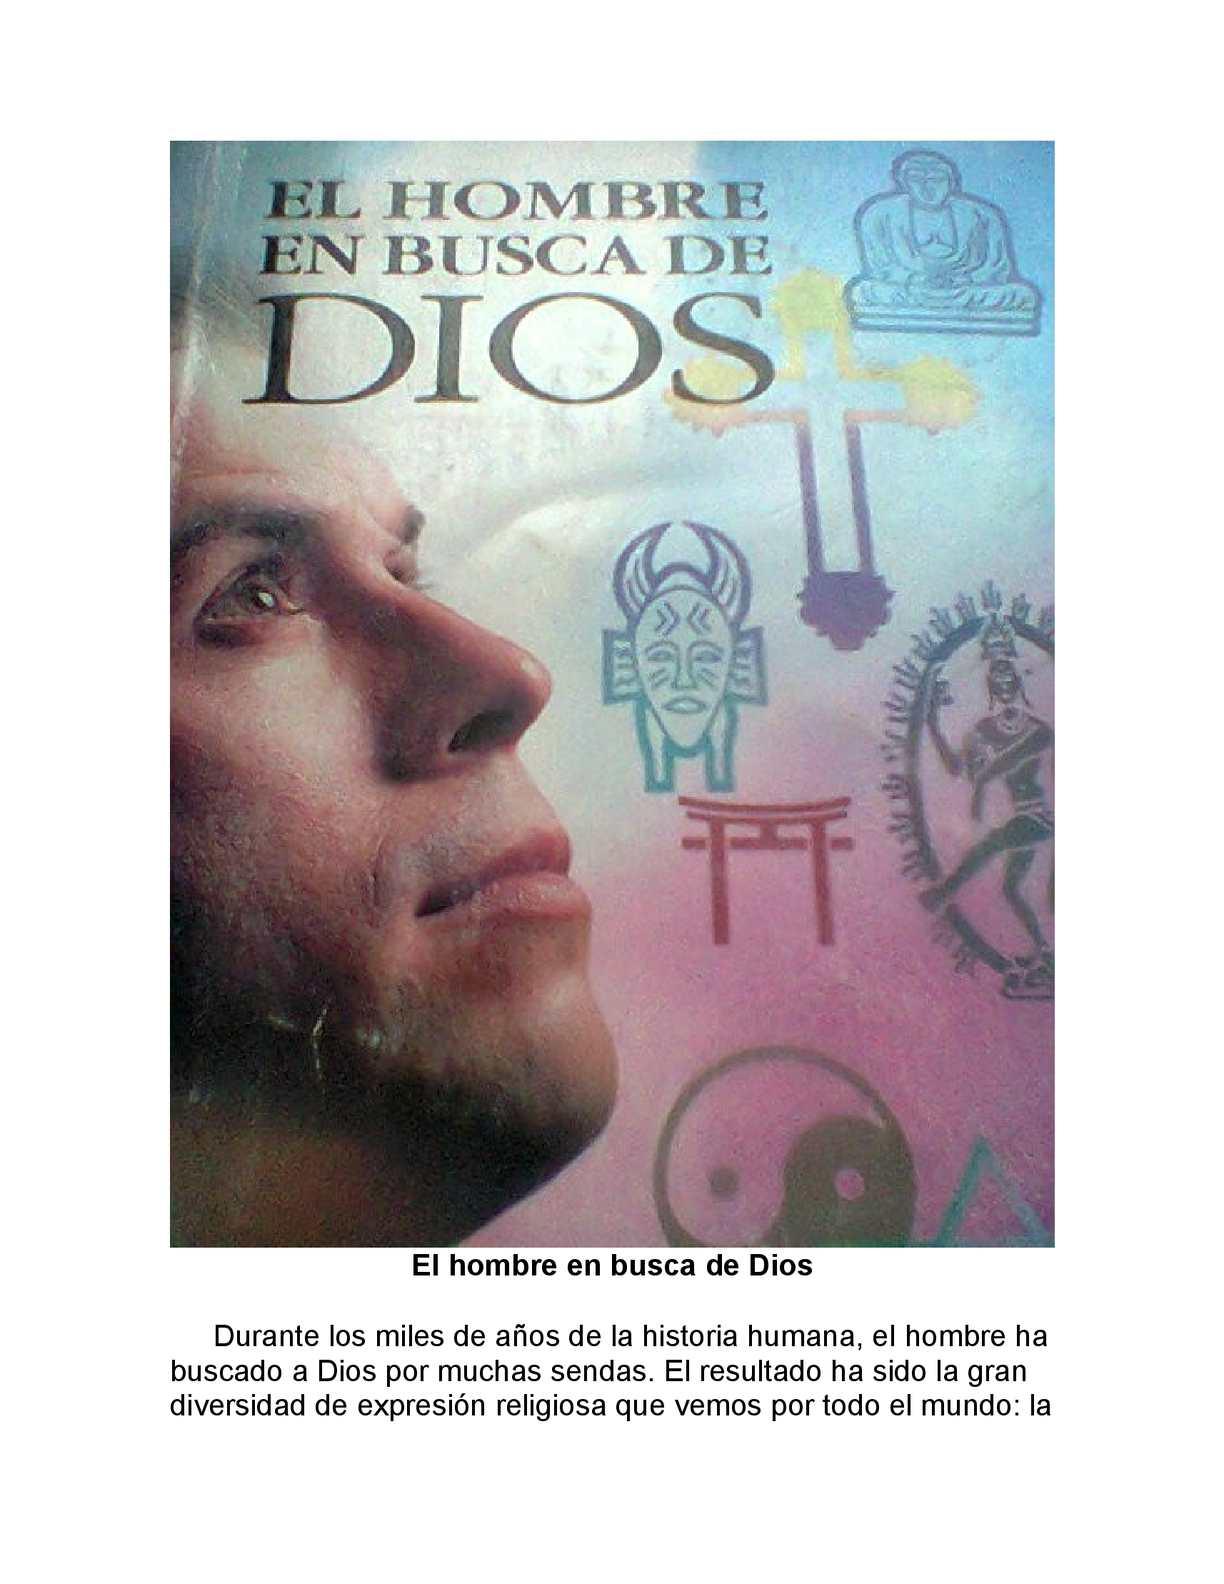 EL HOMBRE EN BUSCA DE DIOS